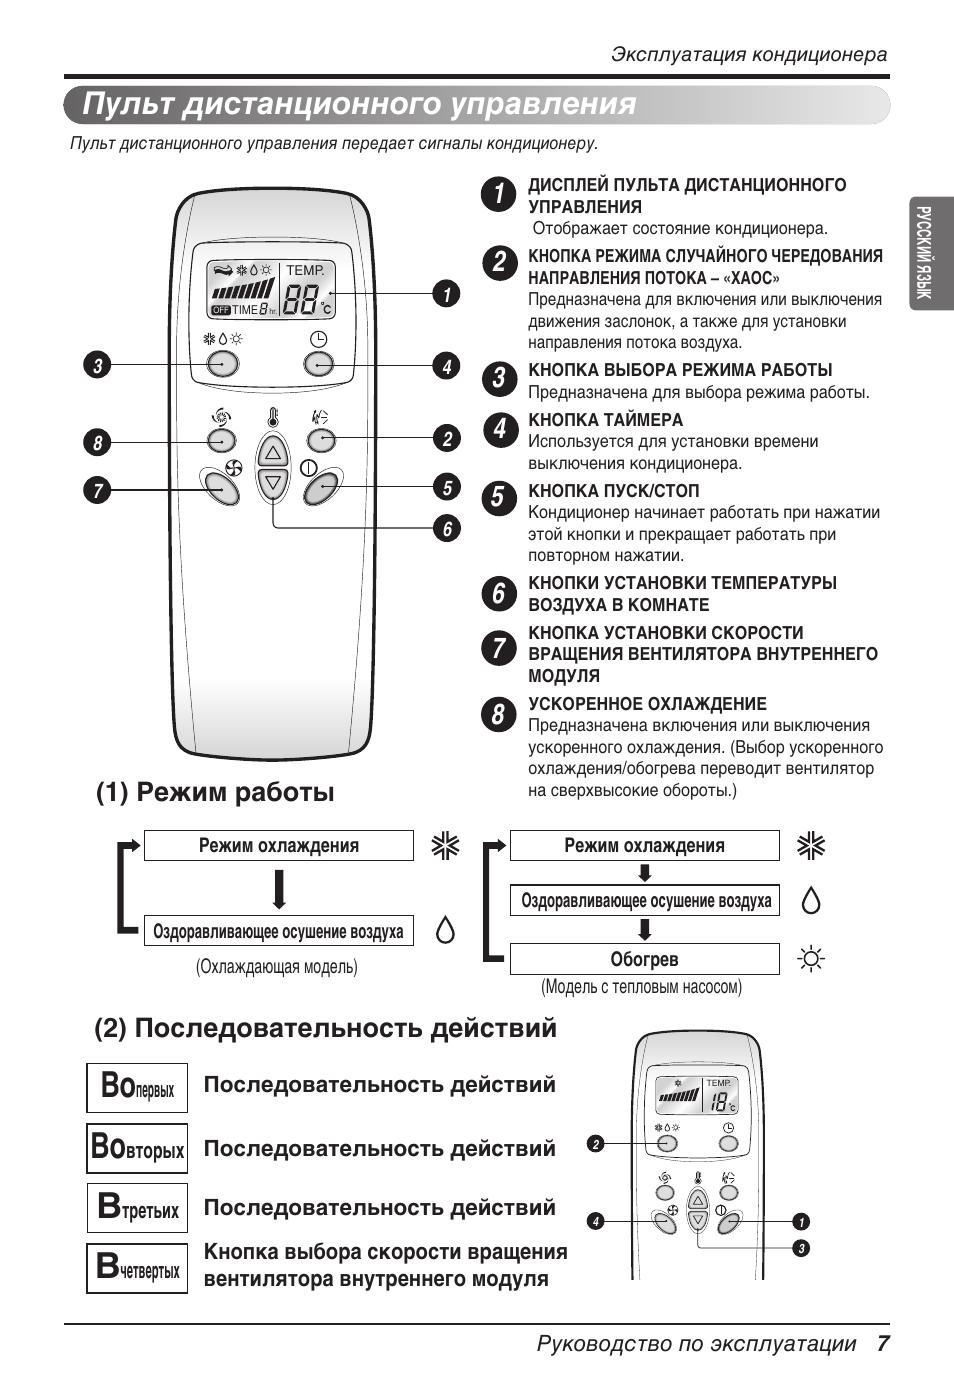 кондиционер lg инструкция к пульту управления s07pk